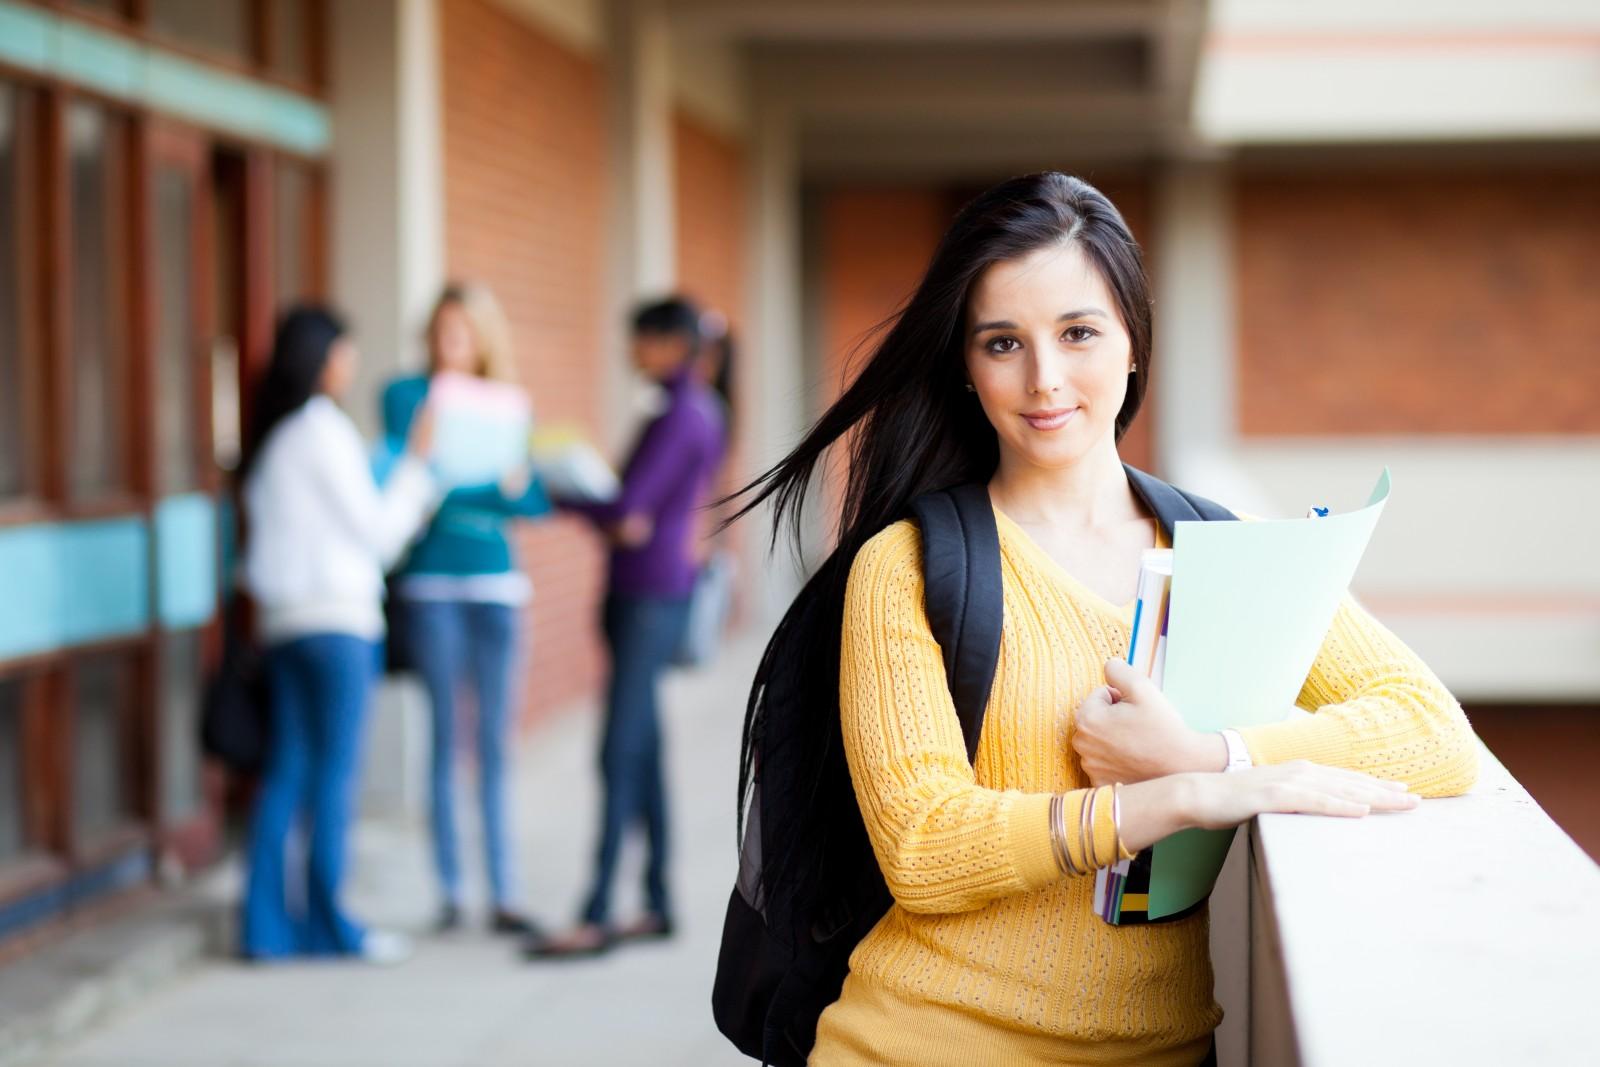 Бакалавриат и магистратура - что это такое, нужна ли магистратура после бакалавриата?